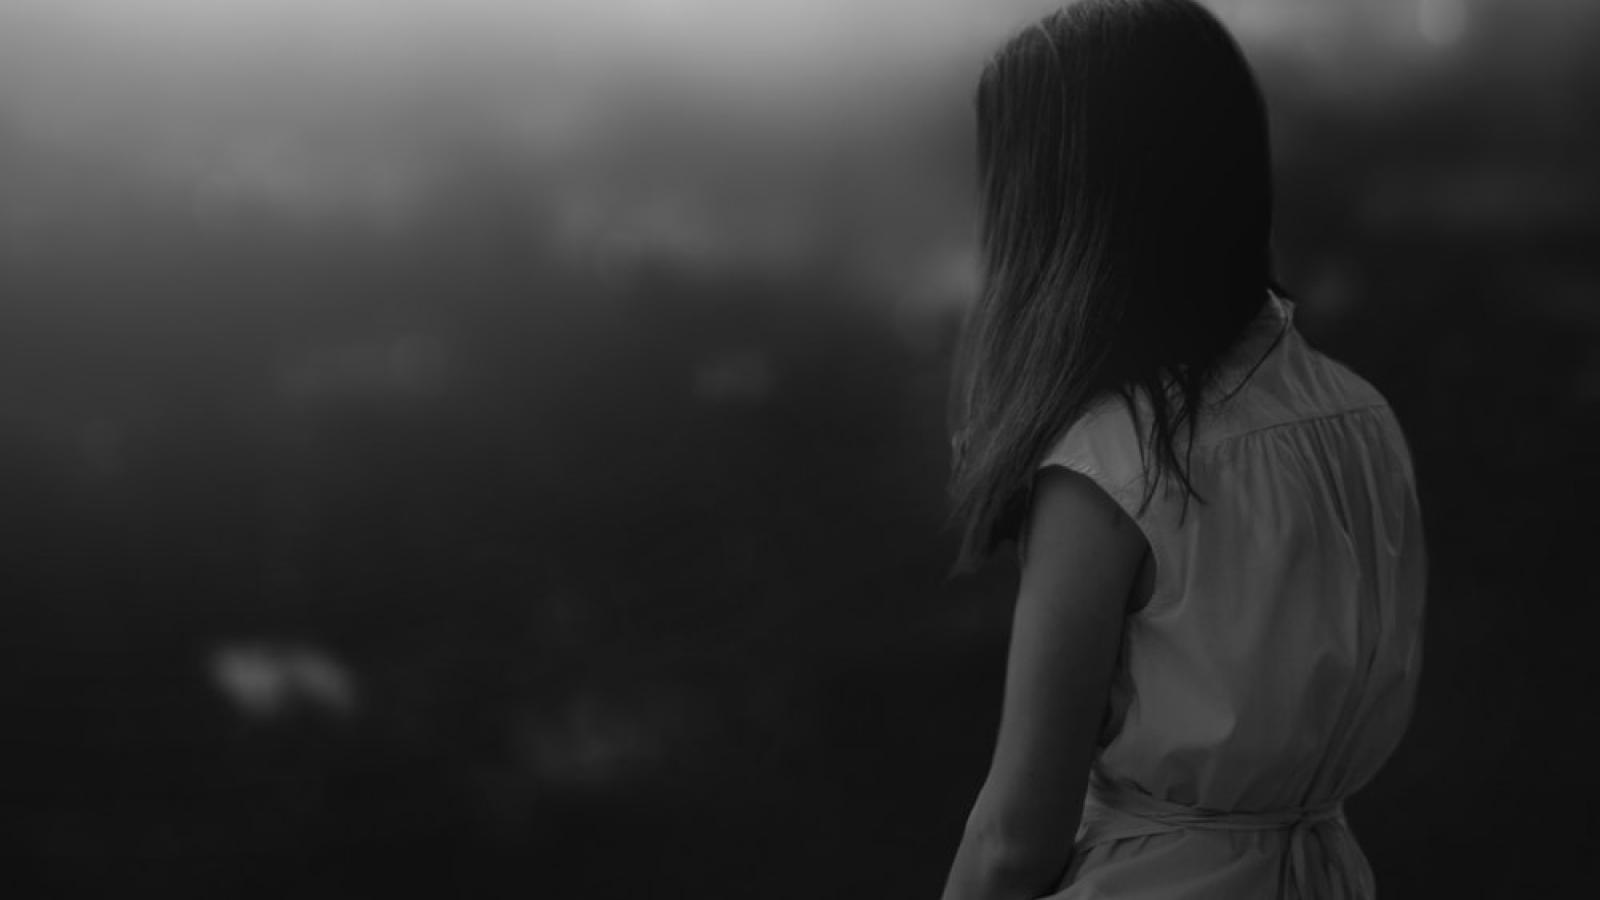 Tình yêu không như mong đợi